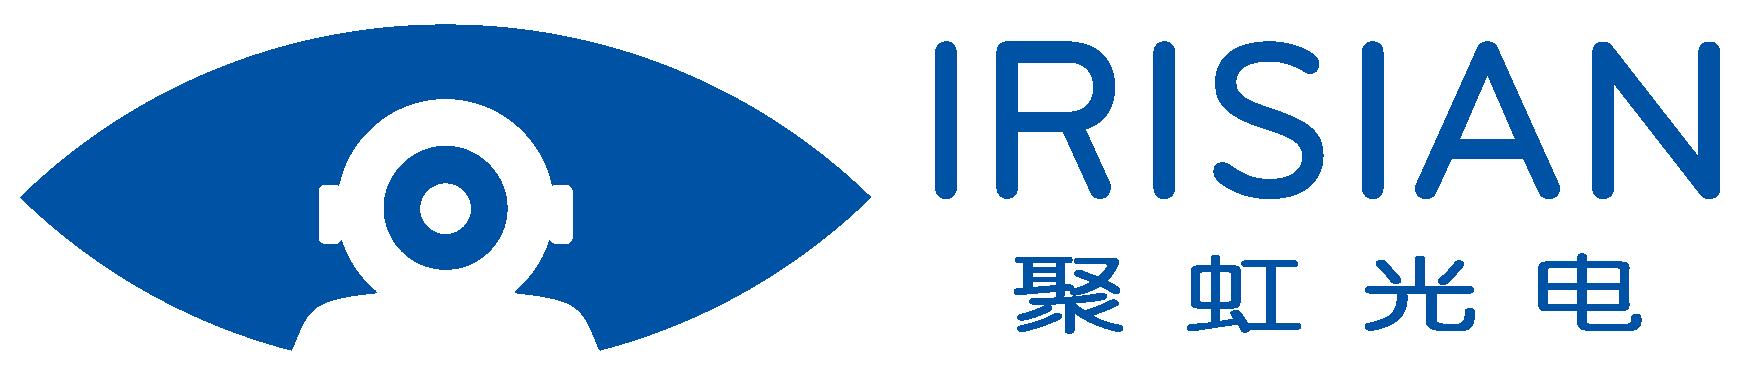 中英文橫版